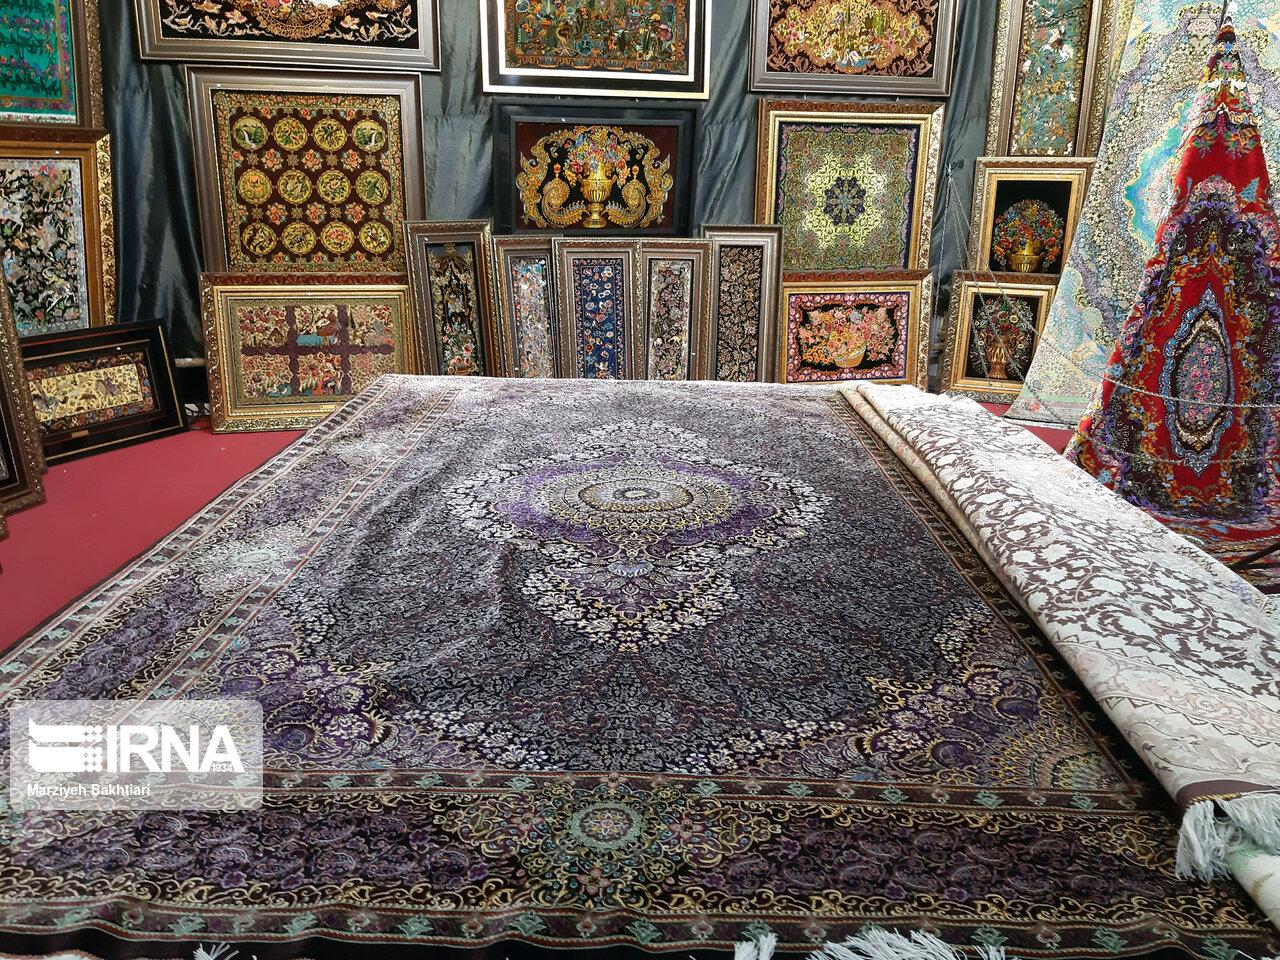 İran takviminin ilk 4 ayında el dokuma halı ihracatından 30 milyon dolar gelir sağlandı